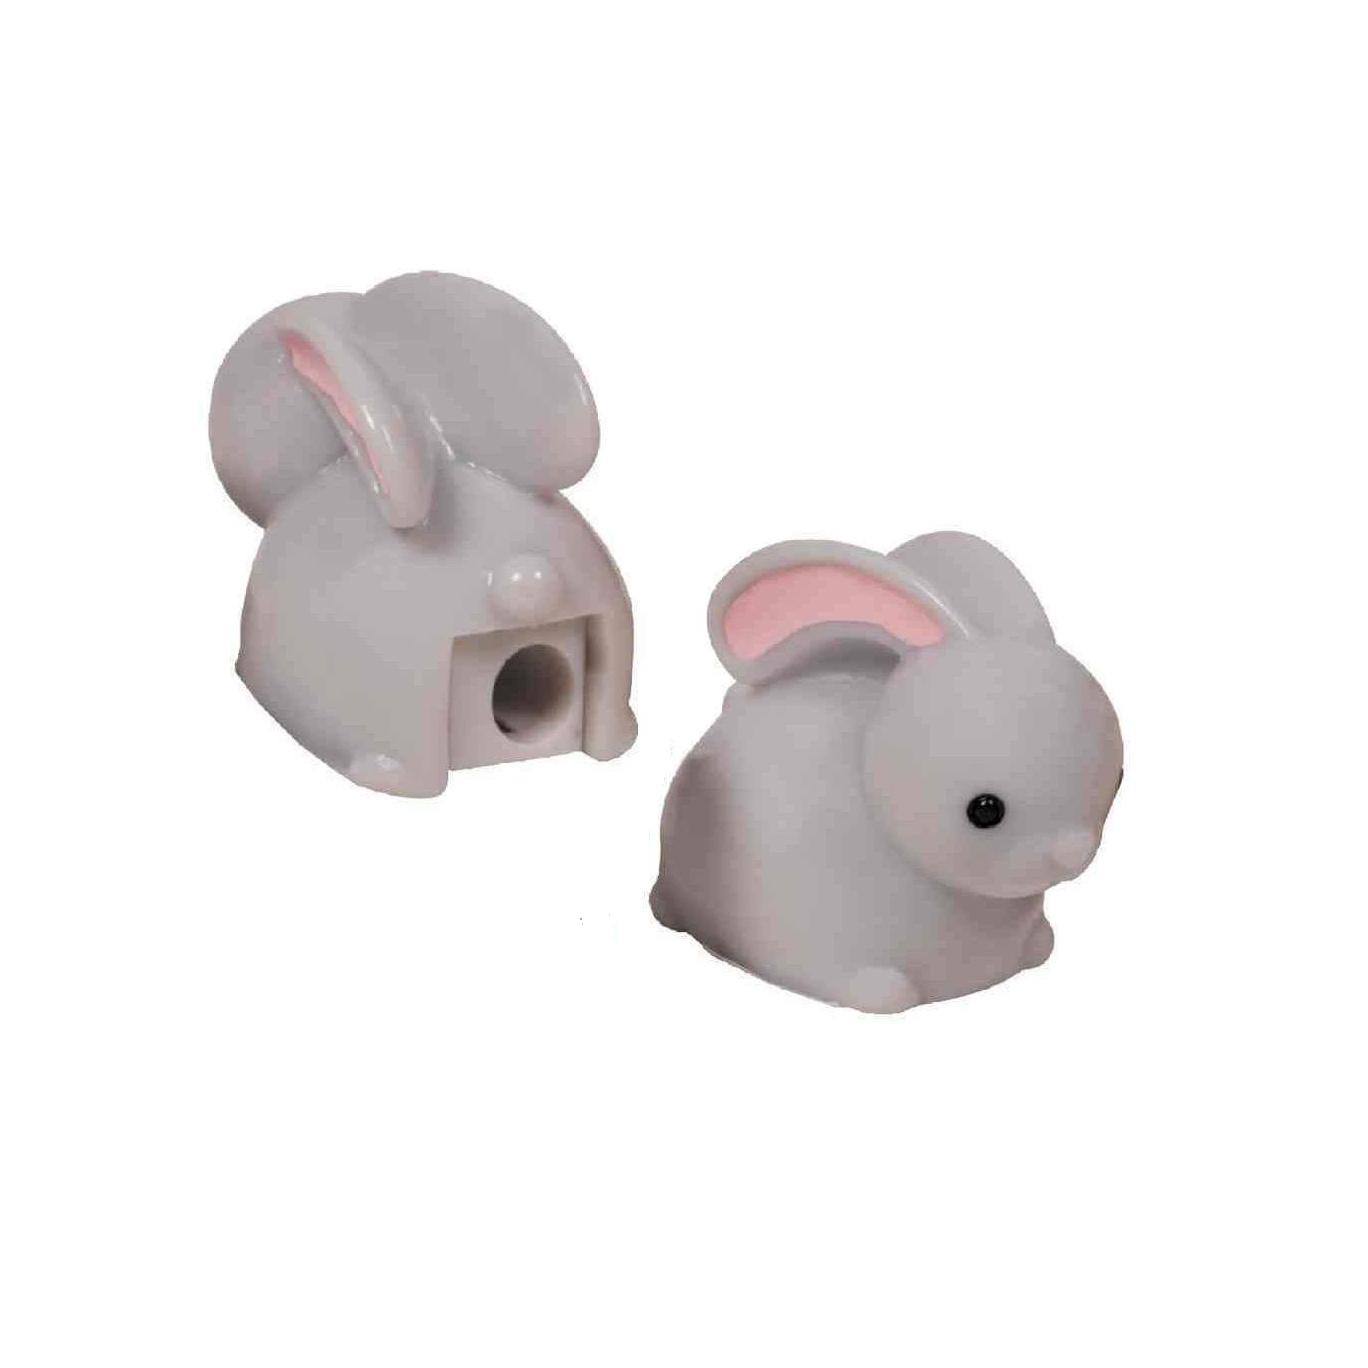 Streamline Inc. Pencil Sharpener/ Bunny Asst.